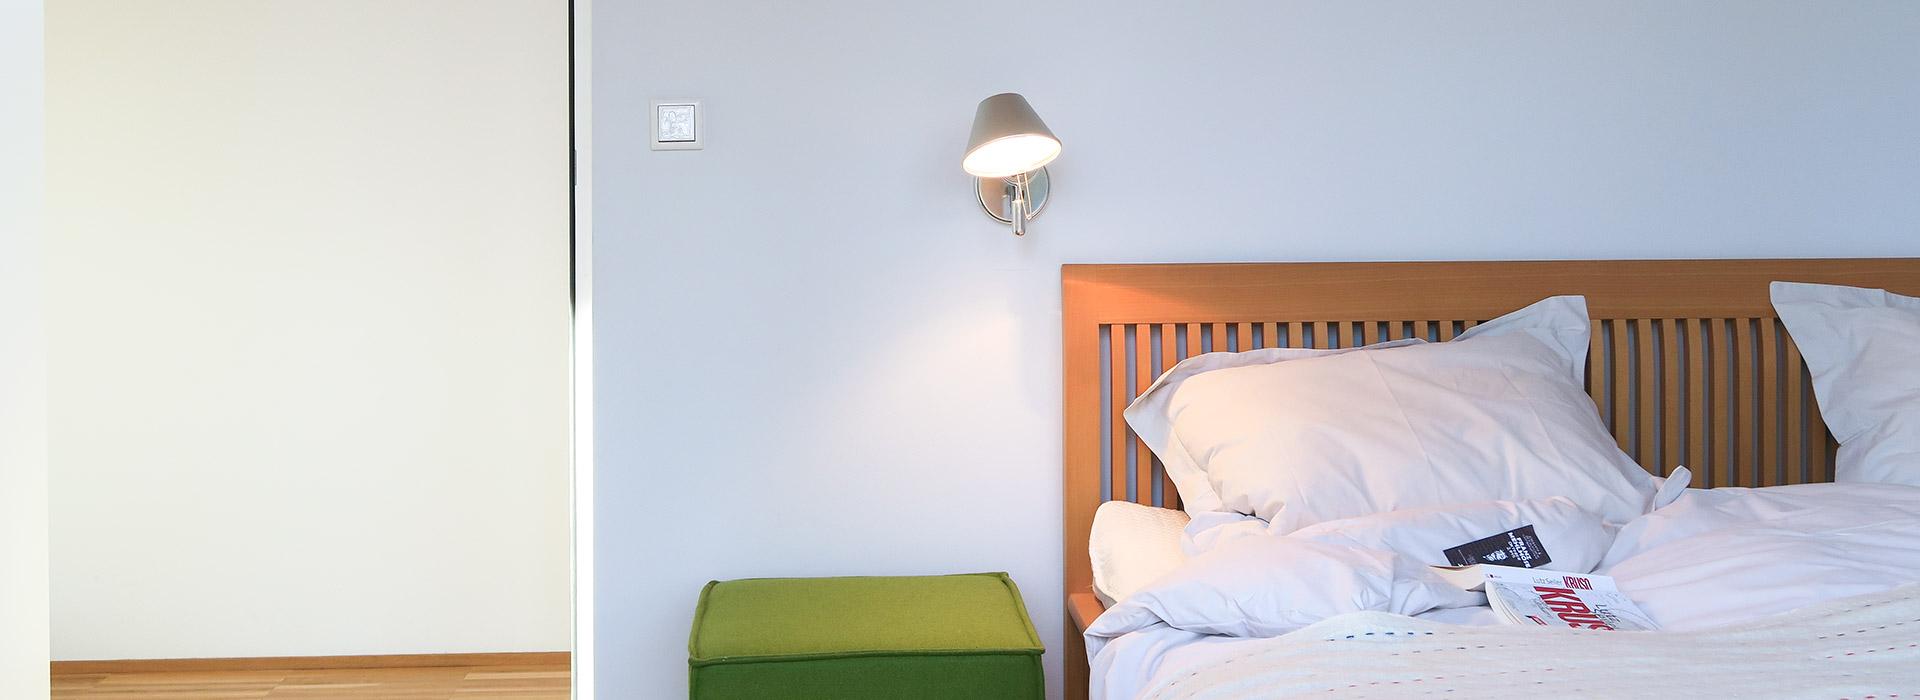 modernes-ferienhaus-an-der-ostsee-schlafbereich